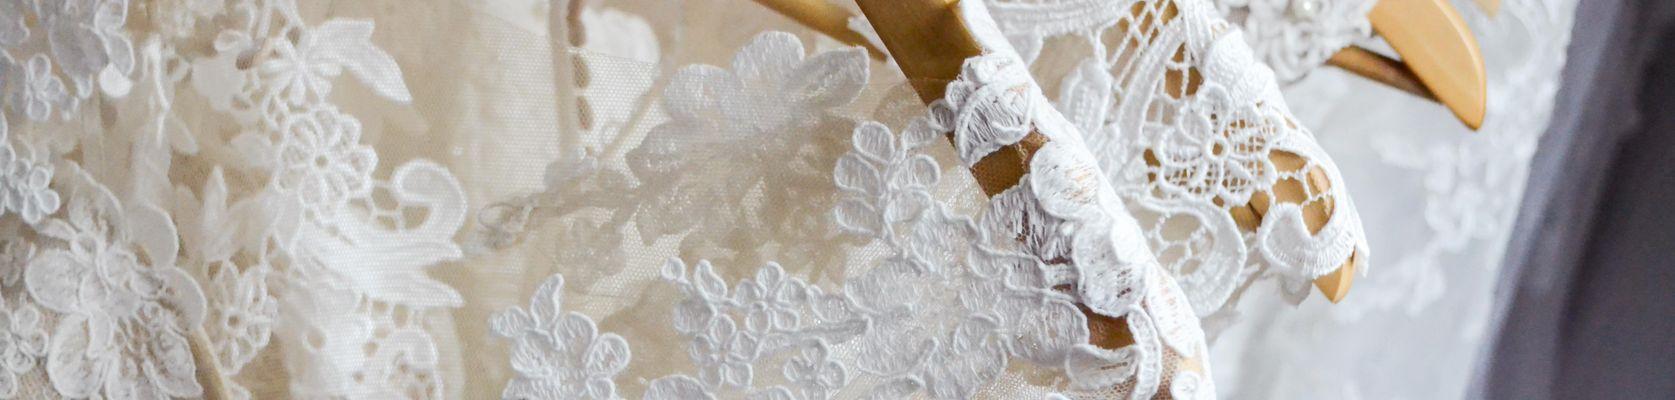 Hochzeitsbekleidung, Hochzeitskleid, Brautkleid, Anzug, Herrenanzug, Bräutigamanzug